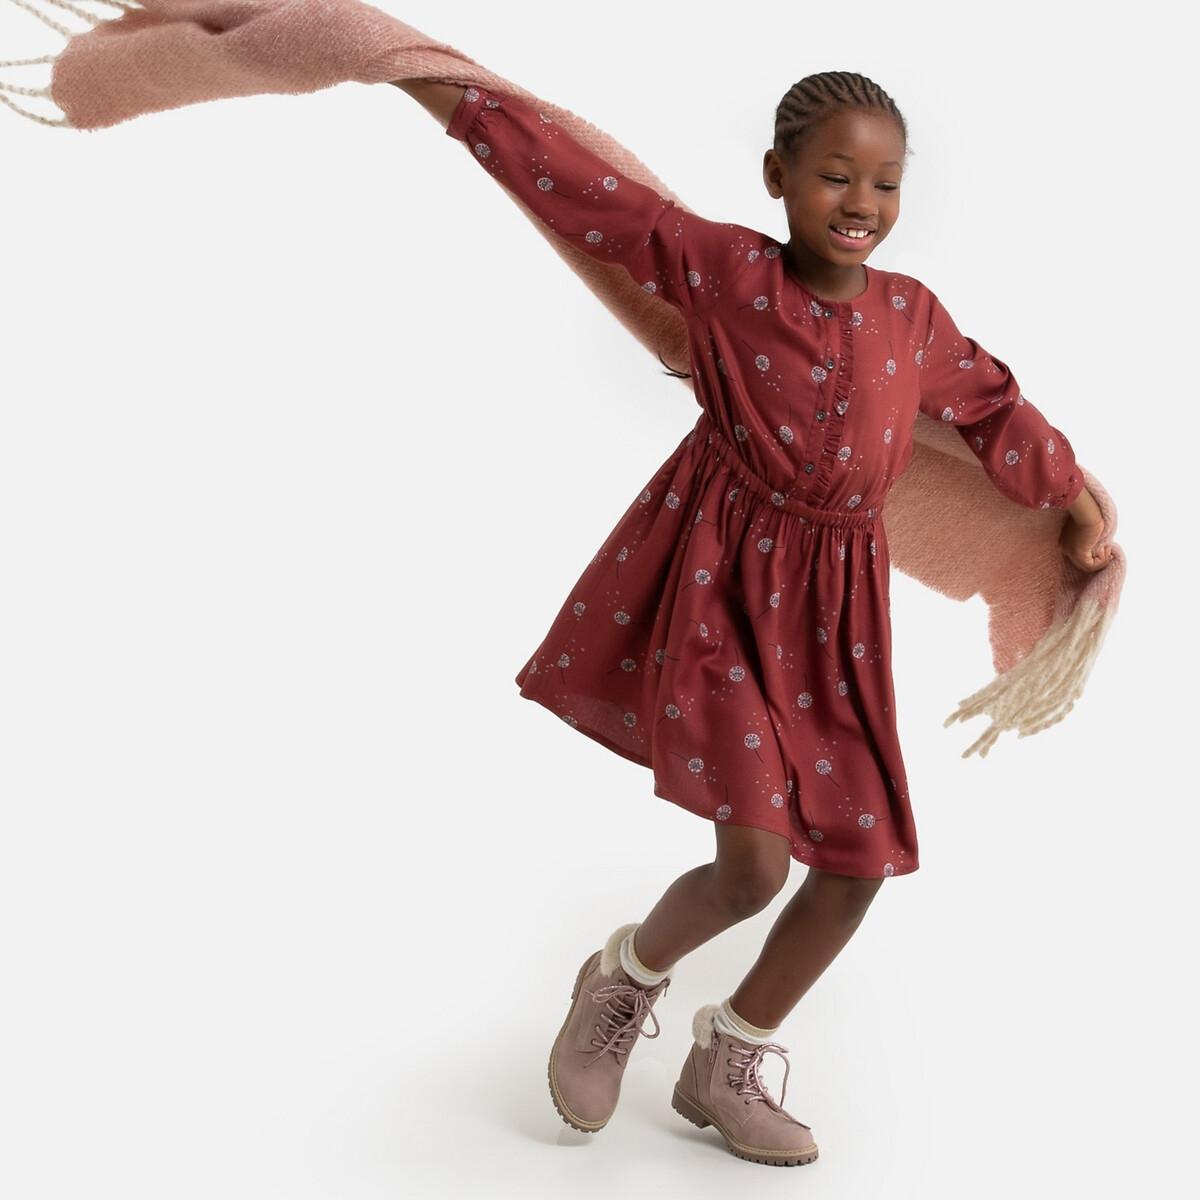 Платье LaRedoute Струящееся с длинными рукавами с принтом 3-12 лет 8 лет - 126 см каштановый платье la redoute расклешенное на тонких бретелях с рисунком 3 12 лет 8 лет 126 см розовый